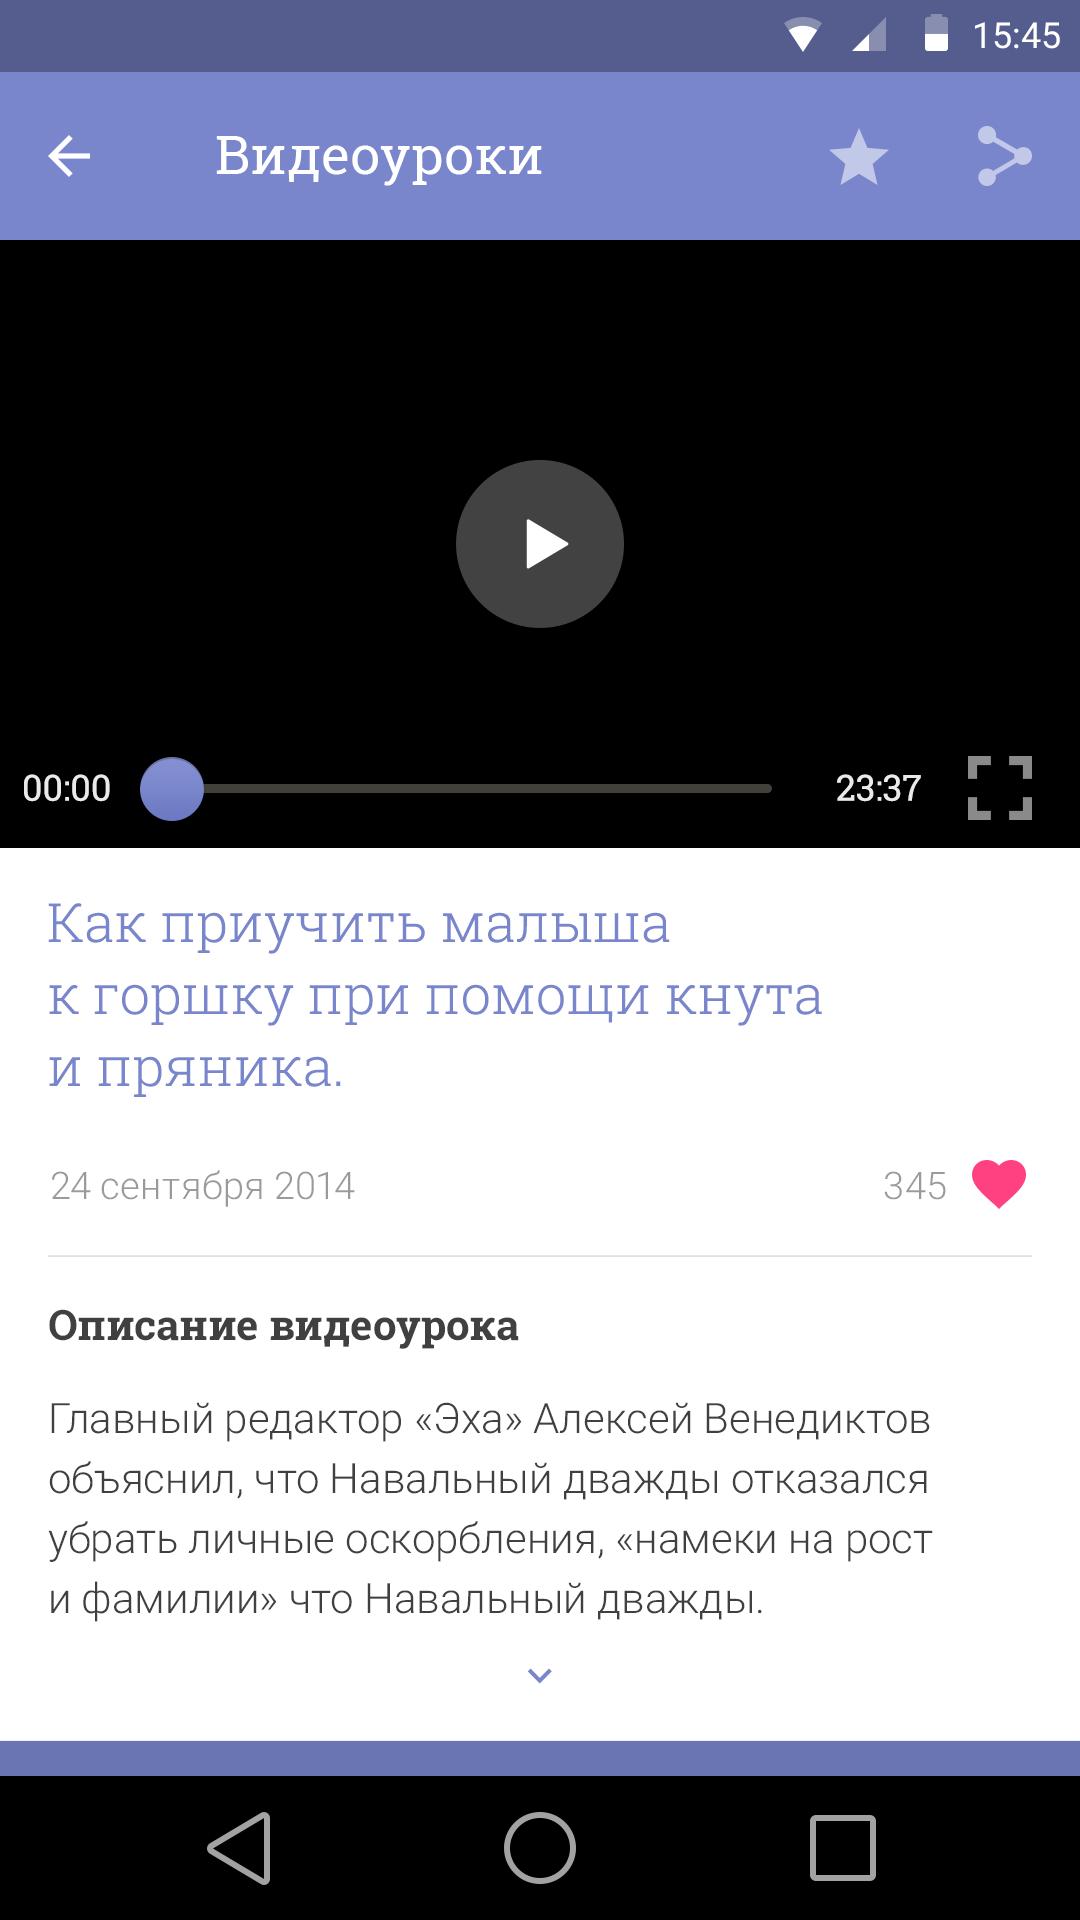 05.просмотр видео